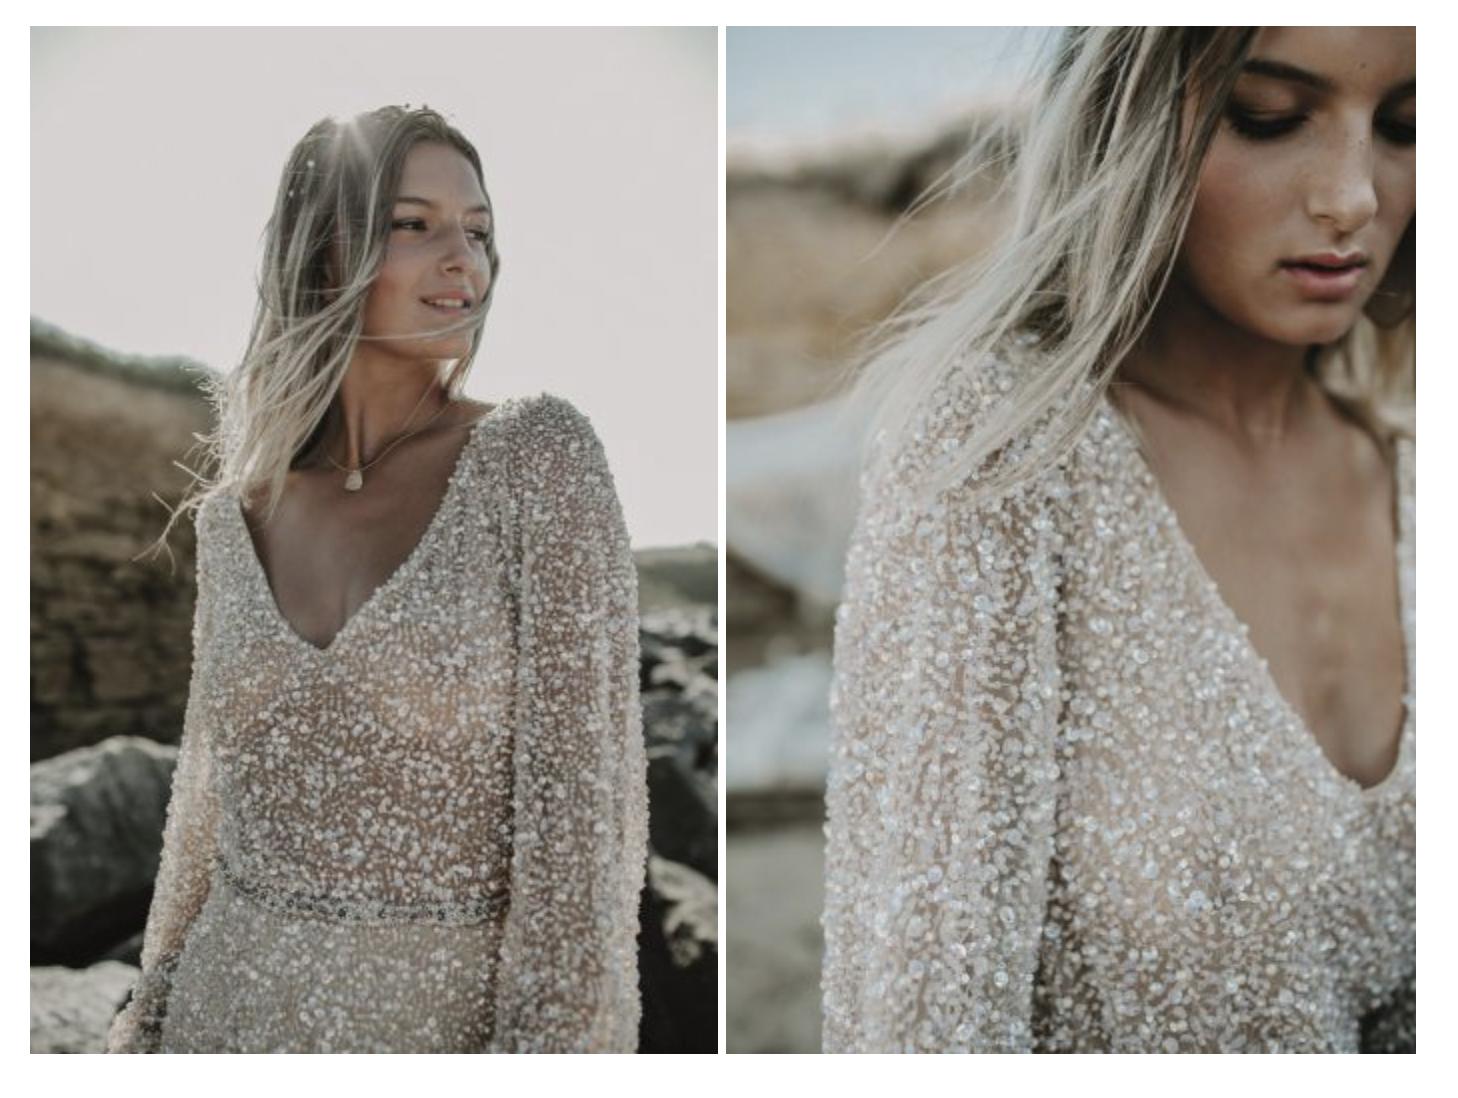 robe de mariée haute couture robe de mariée sur mesure robe perle robe paillettes robe transparente